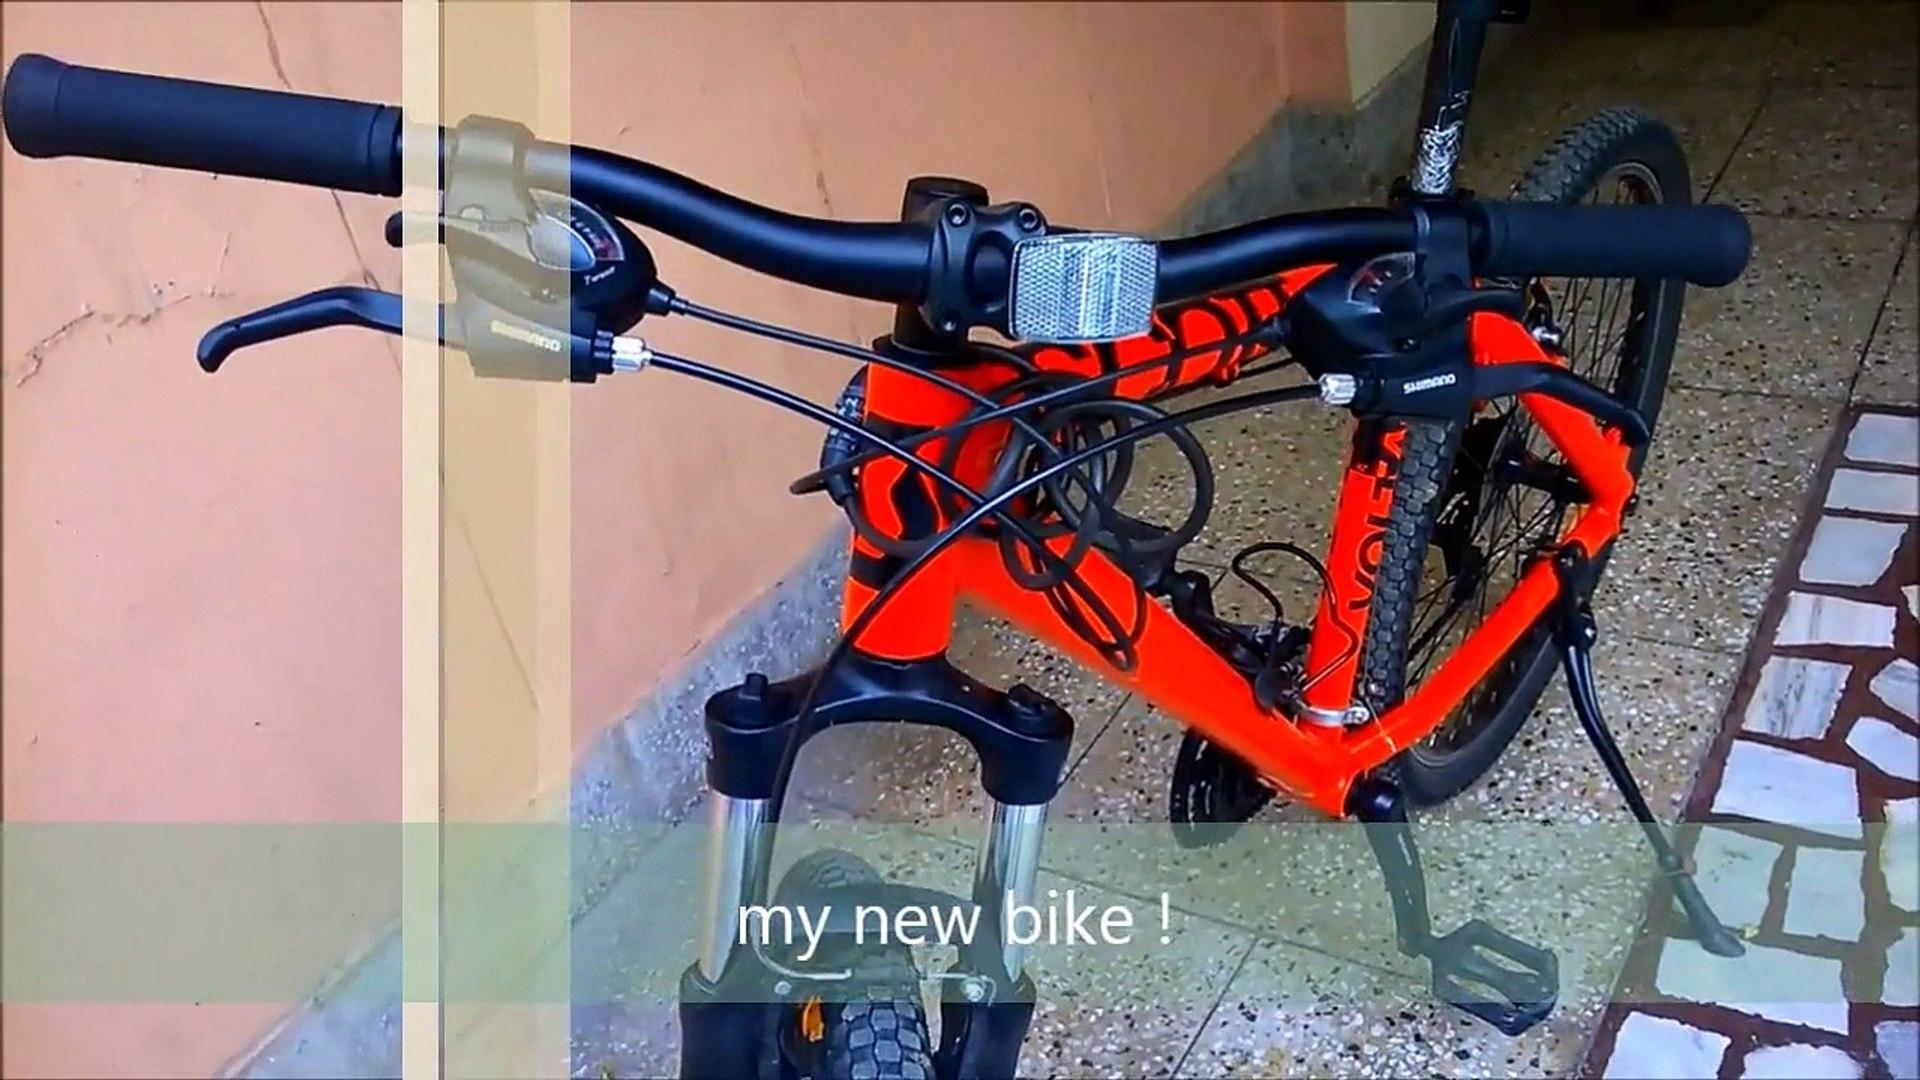 My new bike! scott voltage YZ 30  -not tech but still high tech !